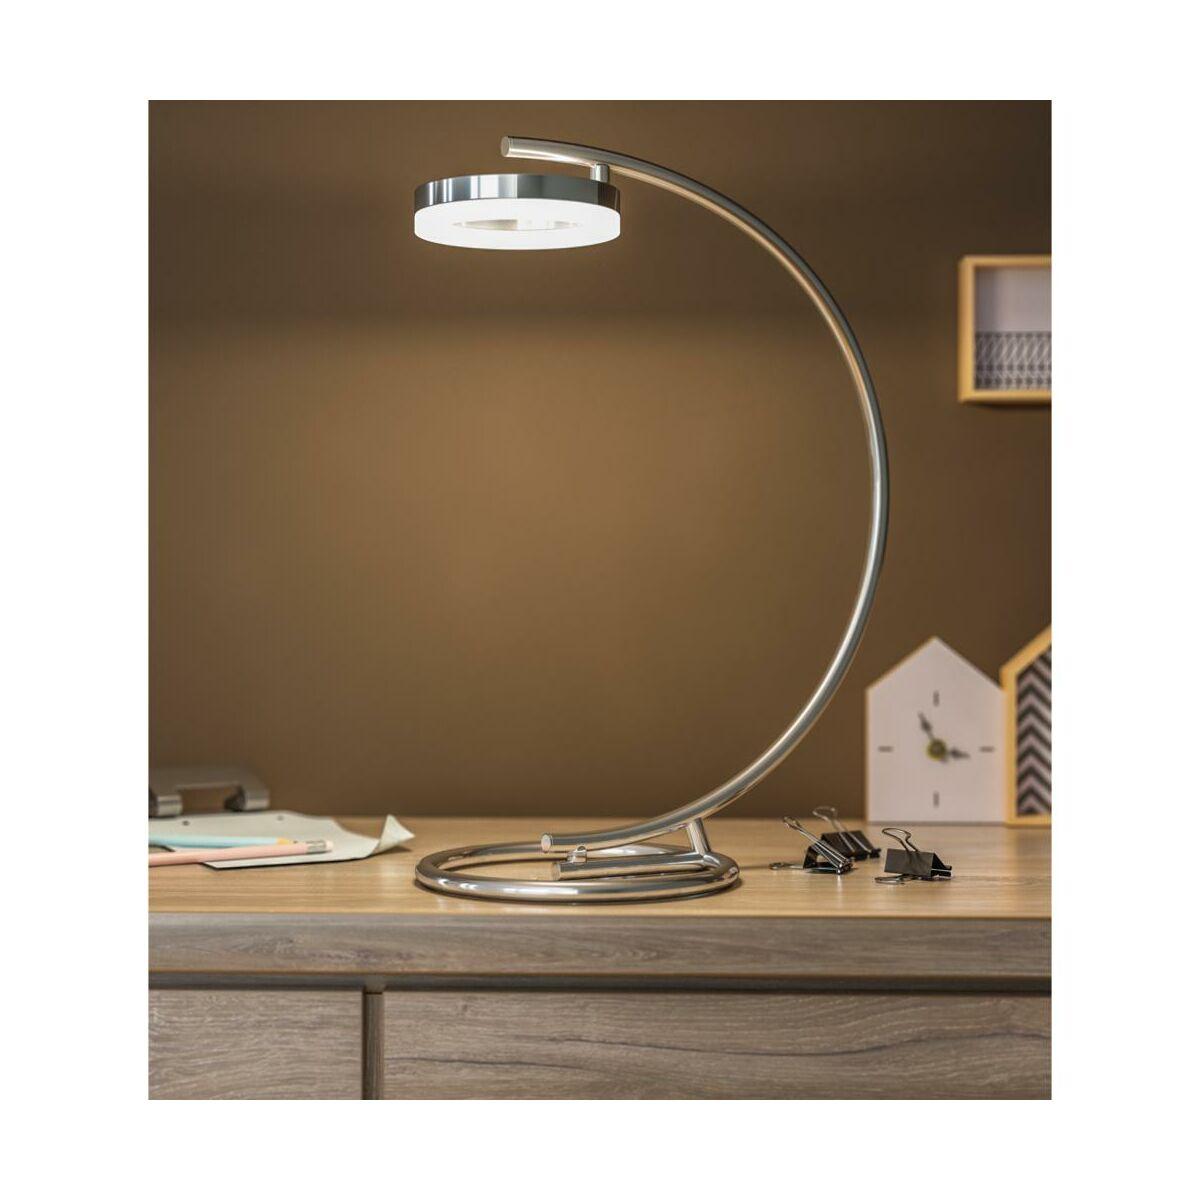 Lampka Biurkowa Iring Chrom Led Inspire Lampki Biurkowe I Klipsy W Atrakcyjnej Cenie W Sklepach Leroy Merlin